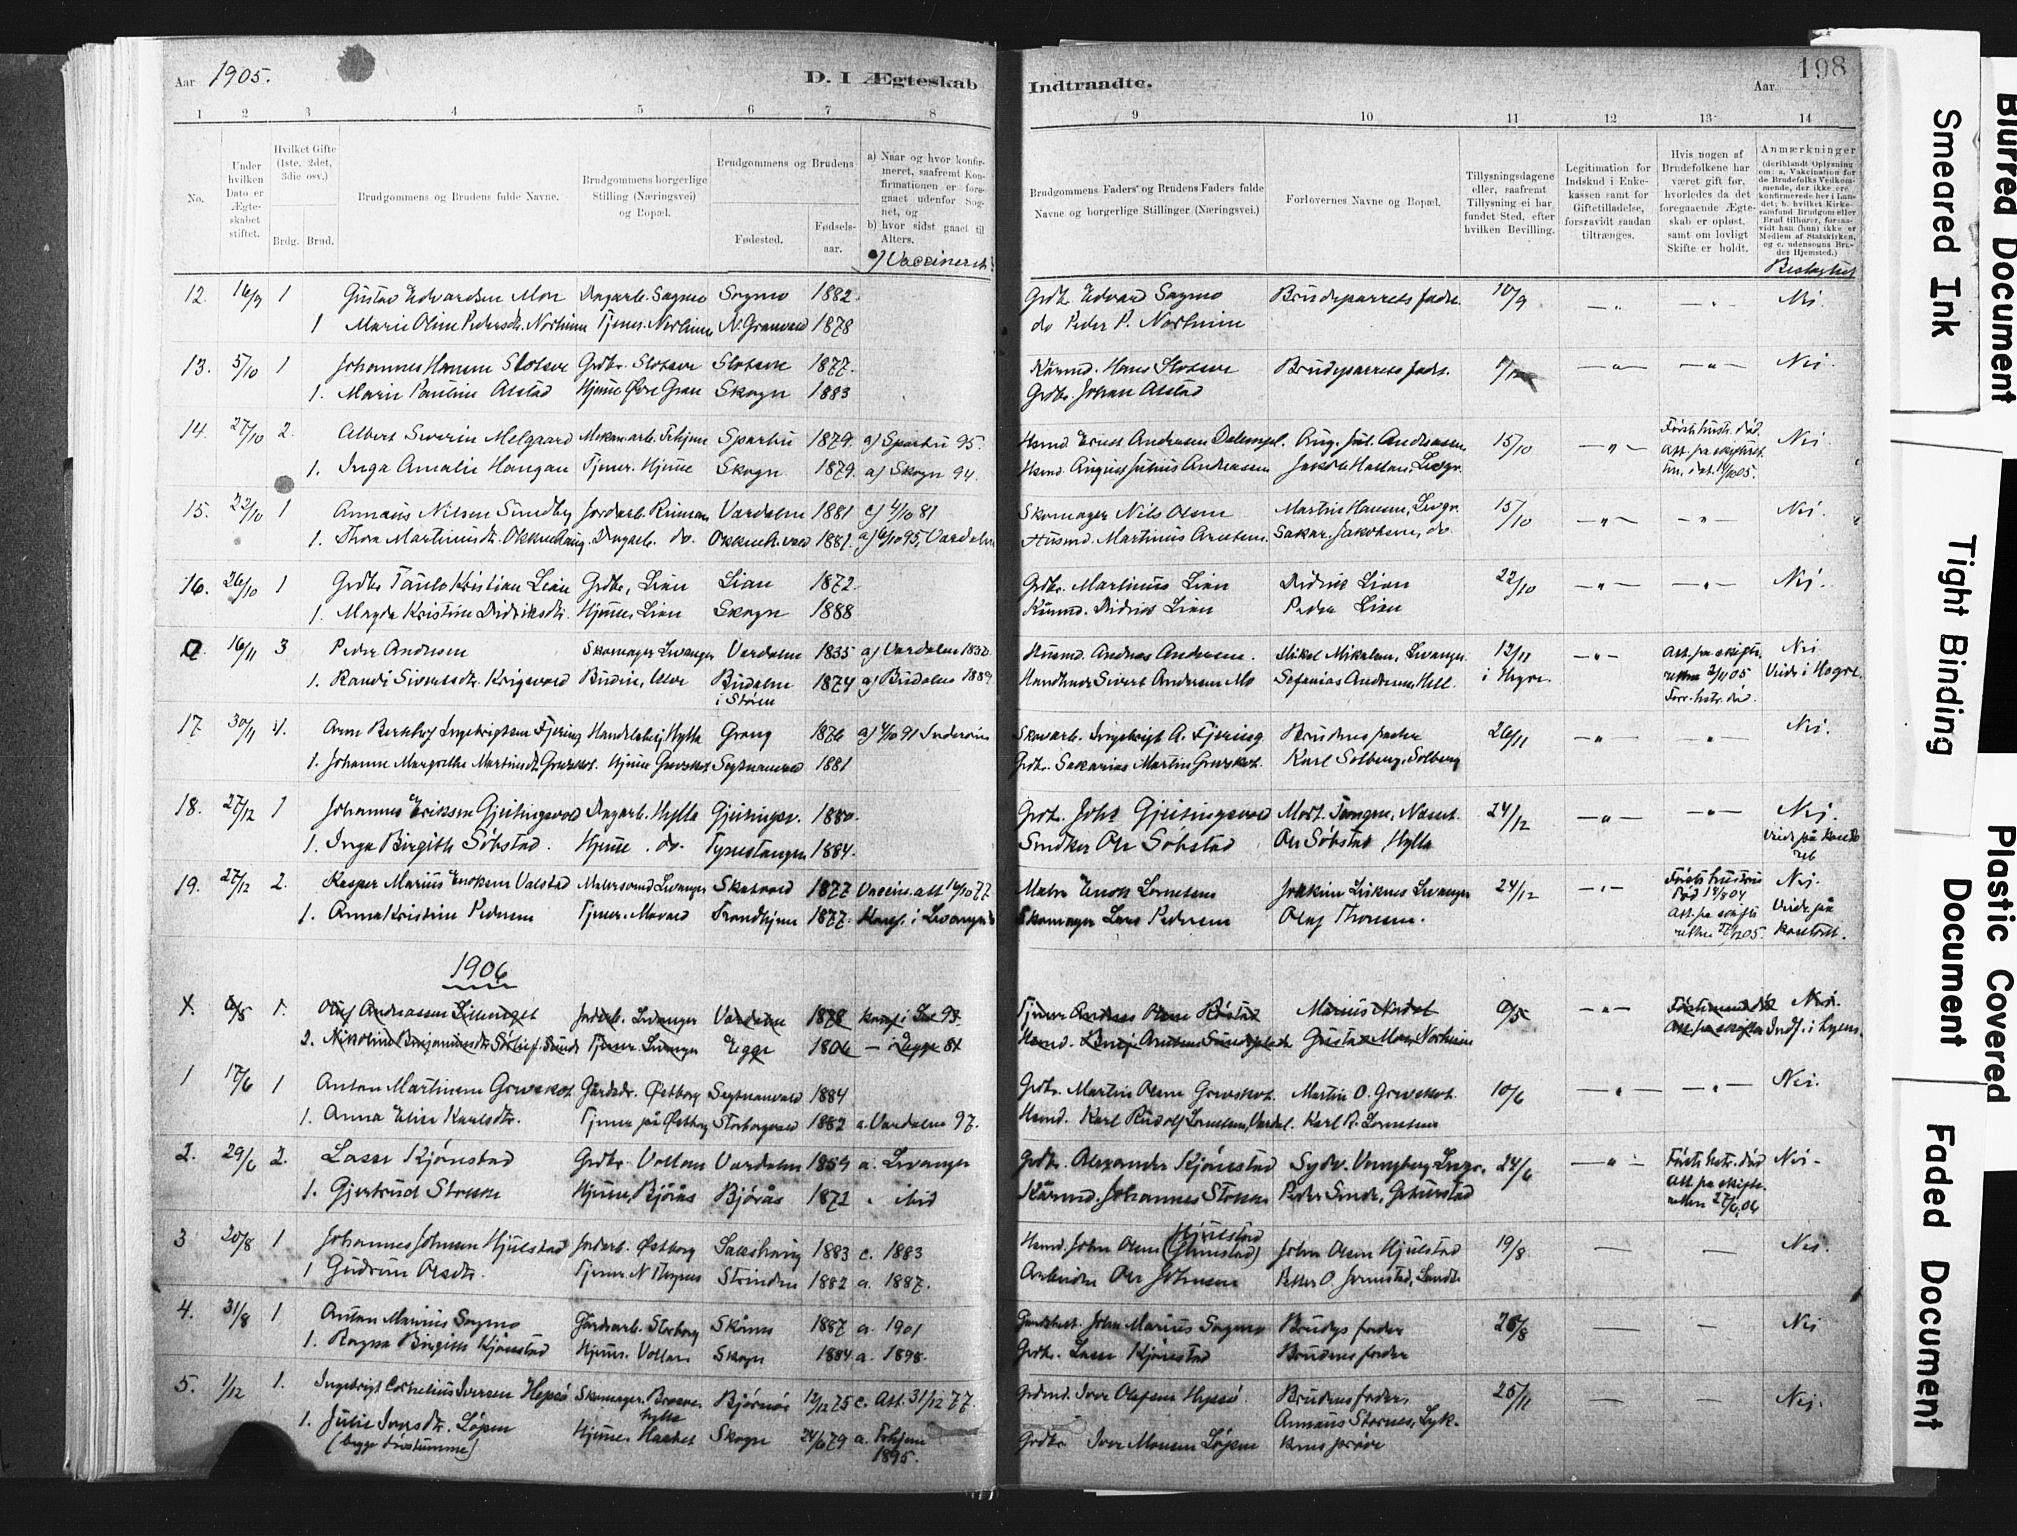 SAT, Ministerialprotokoller, klokkerbøker og fødselsregistre - Nord-Trøndelag, 721/L0207: Ministerialbok nr. 721A02, 1880-1911, s. 198